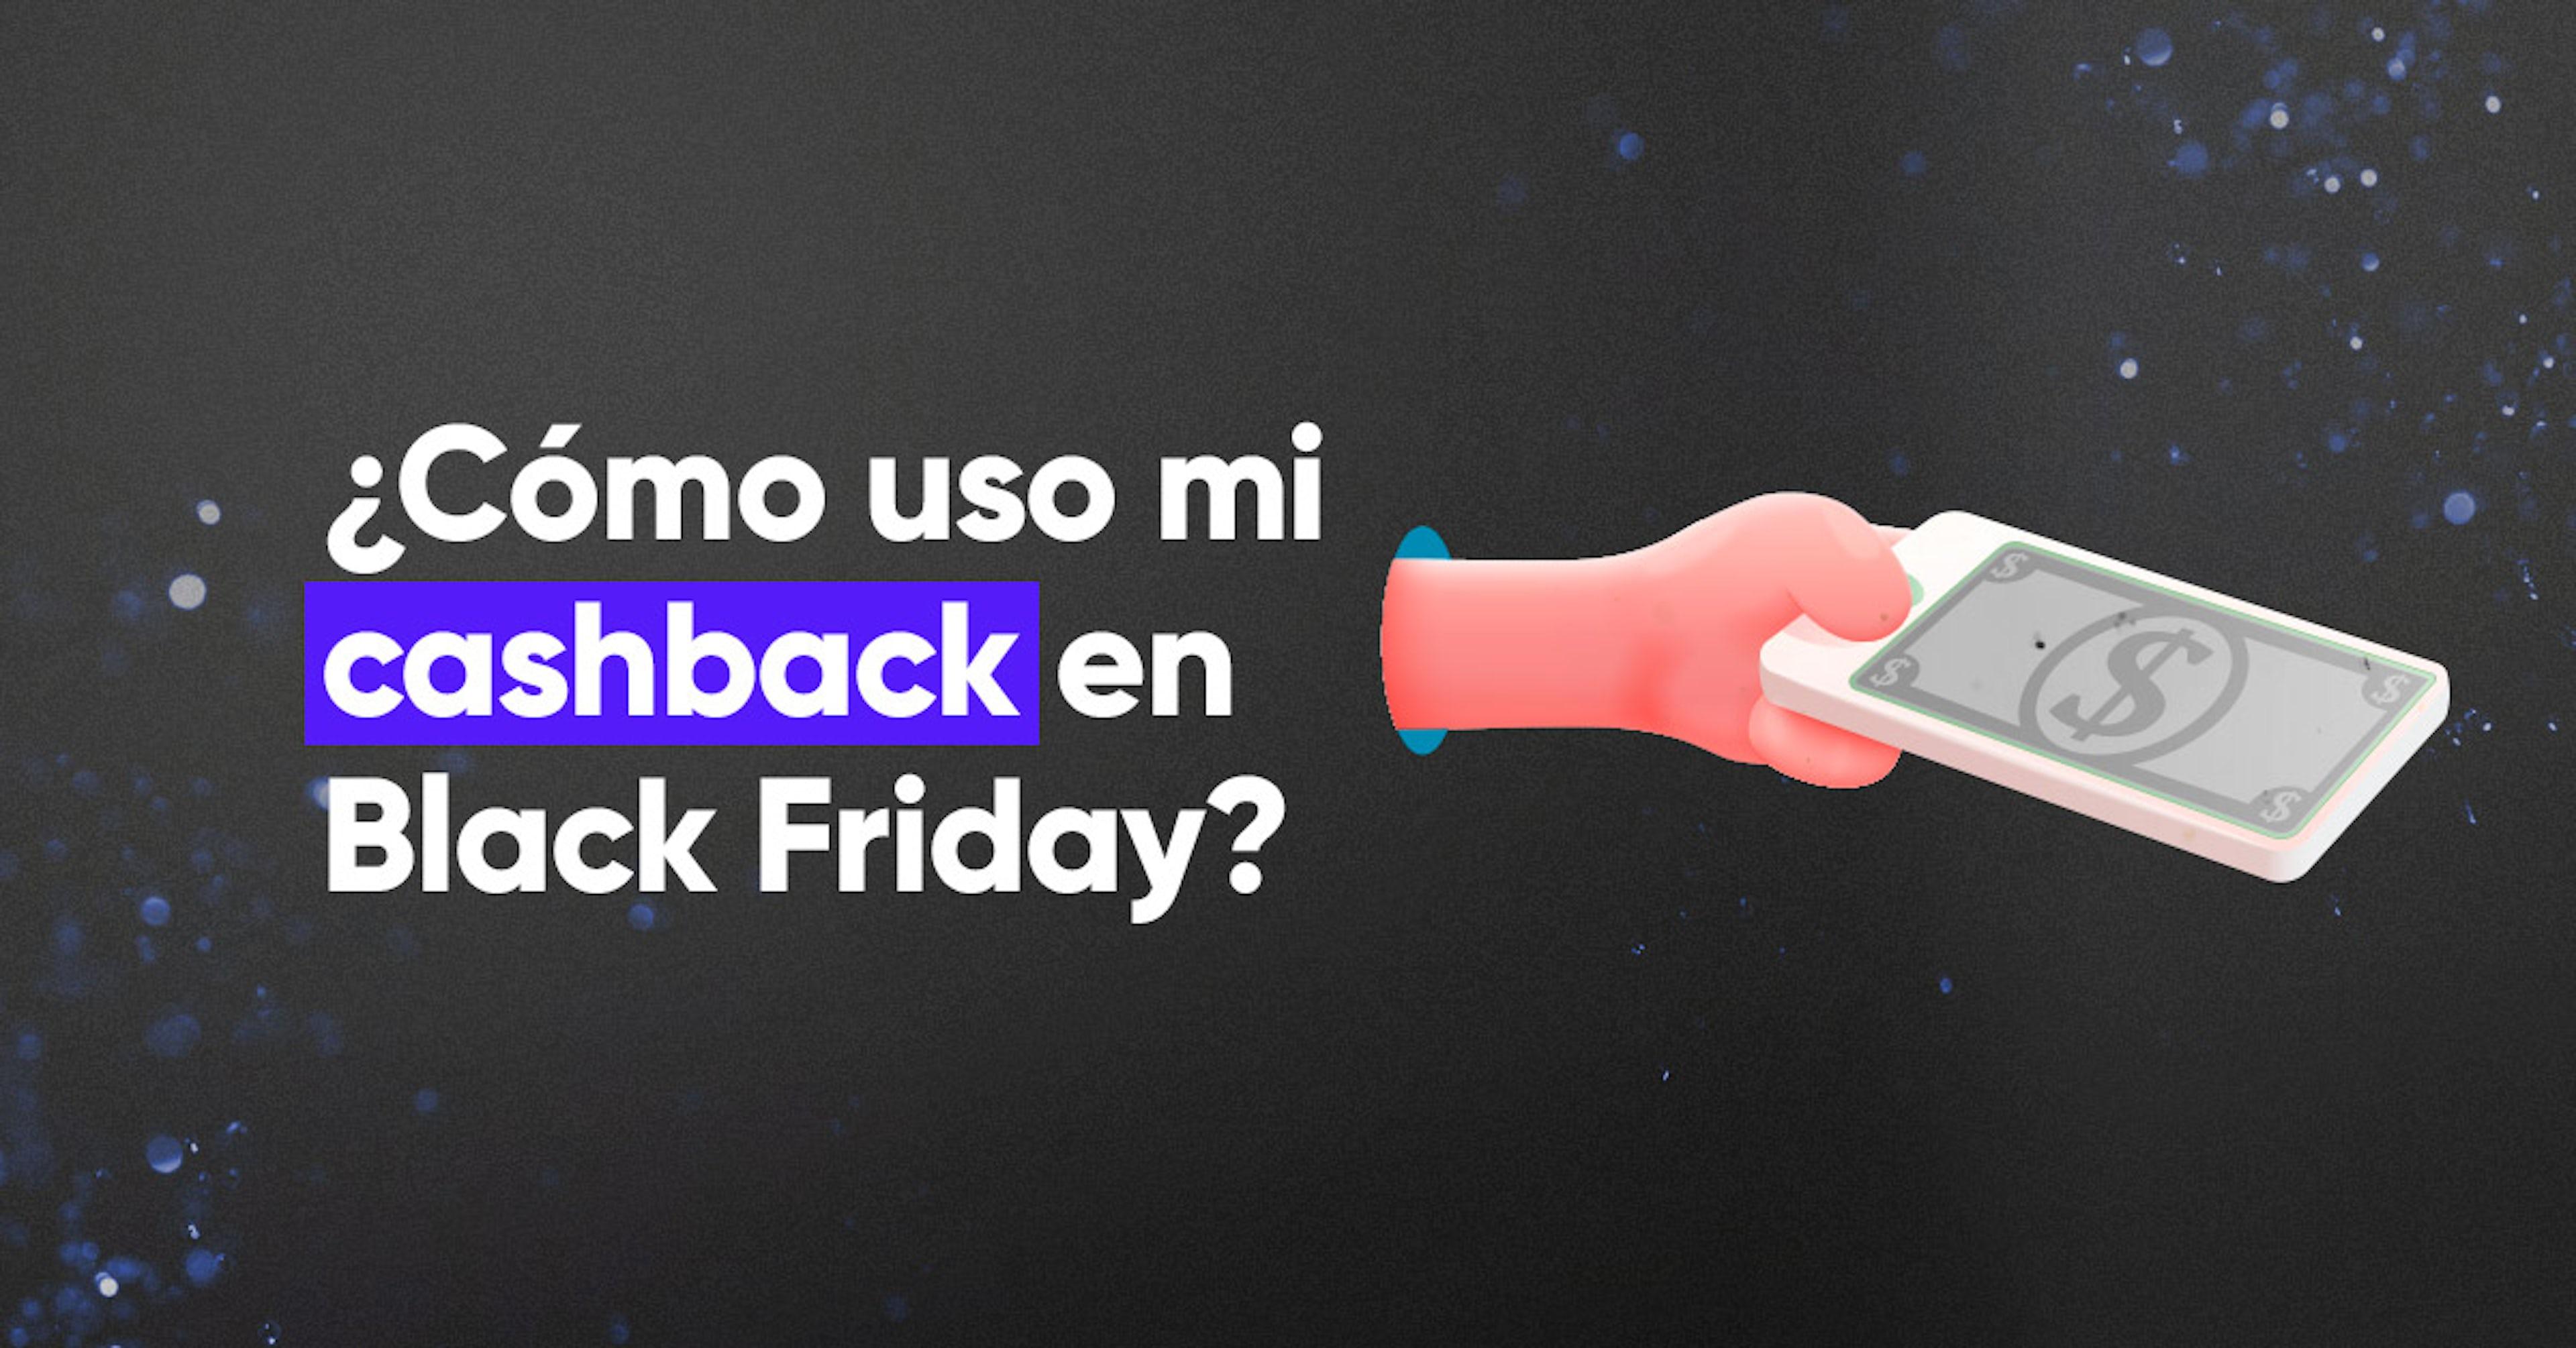 ¿Cómo usar mi cashback en Black Friday?